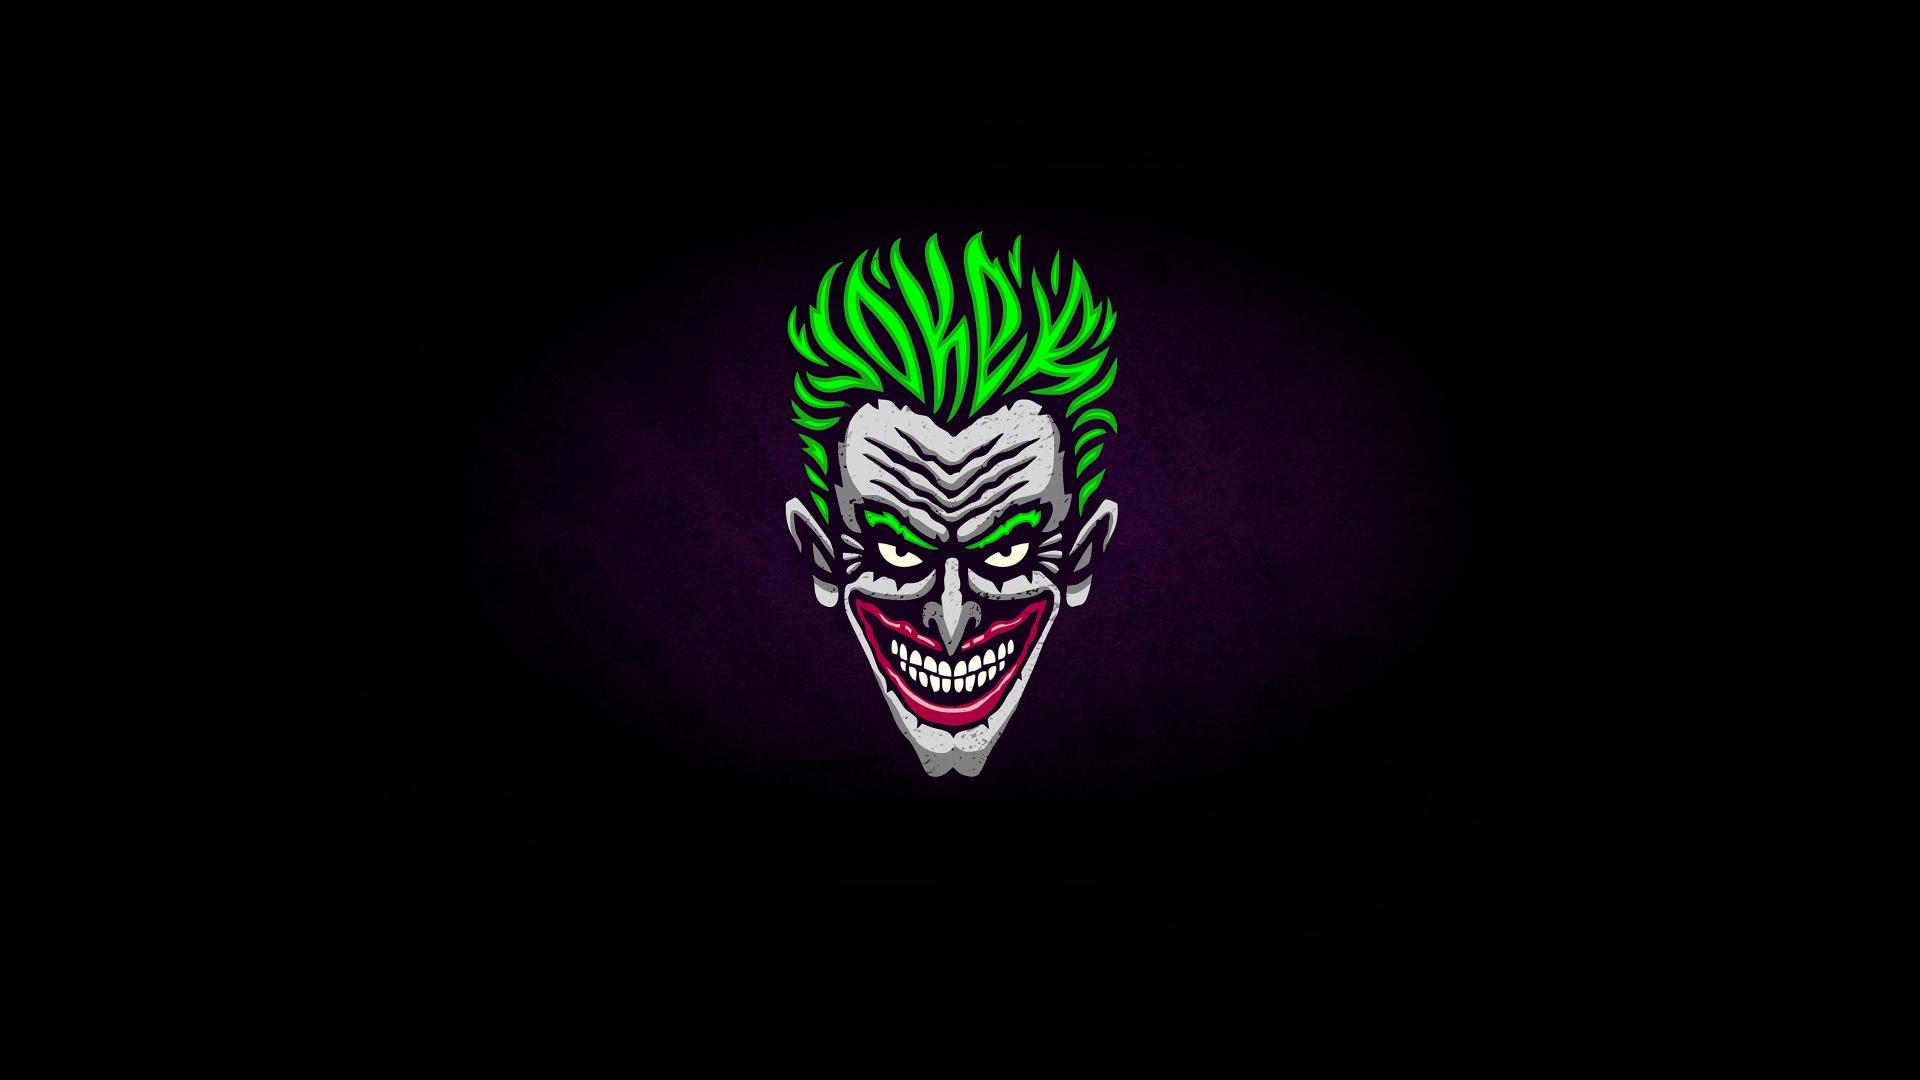 Download 1920x1080 Wallpaper Joker Face Green Hair